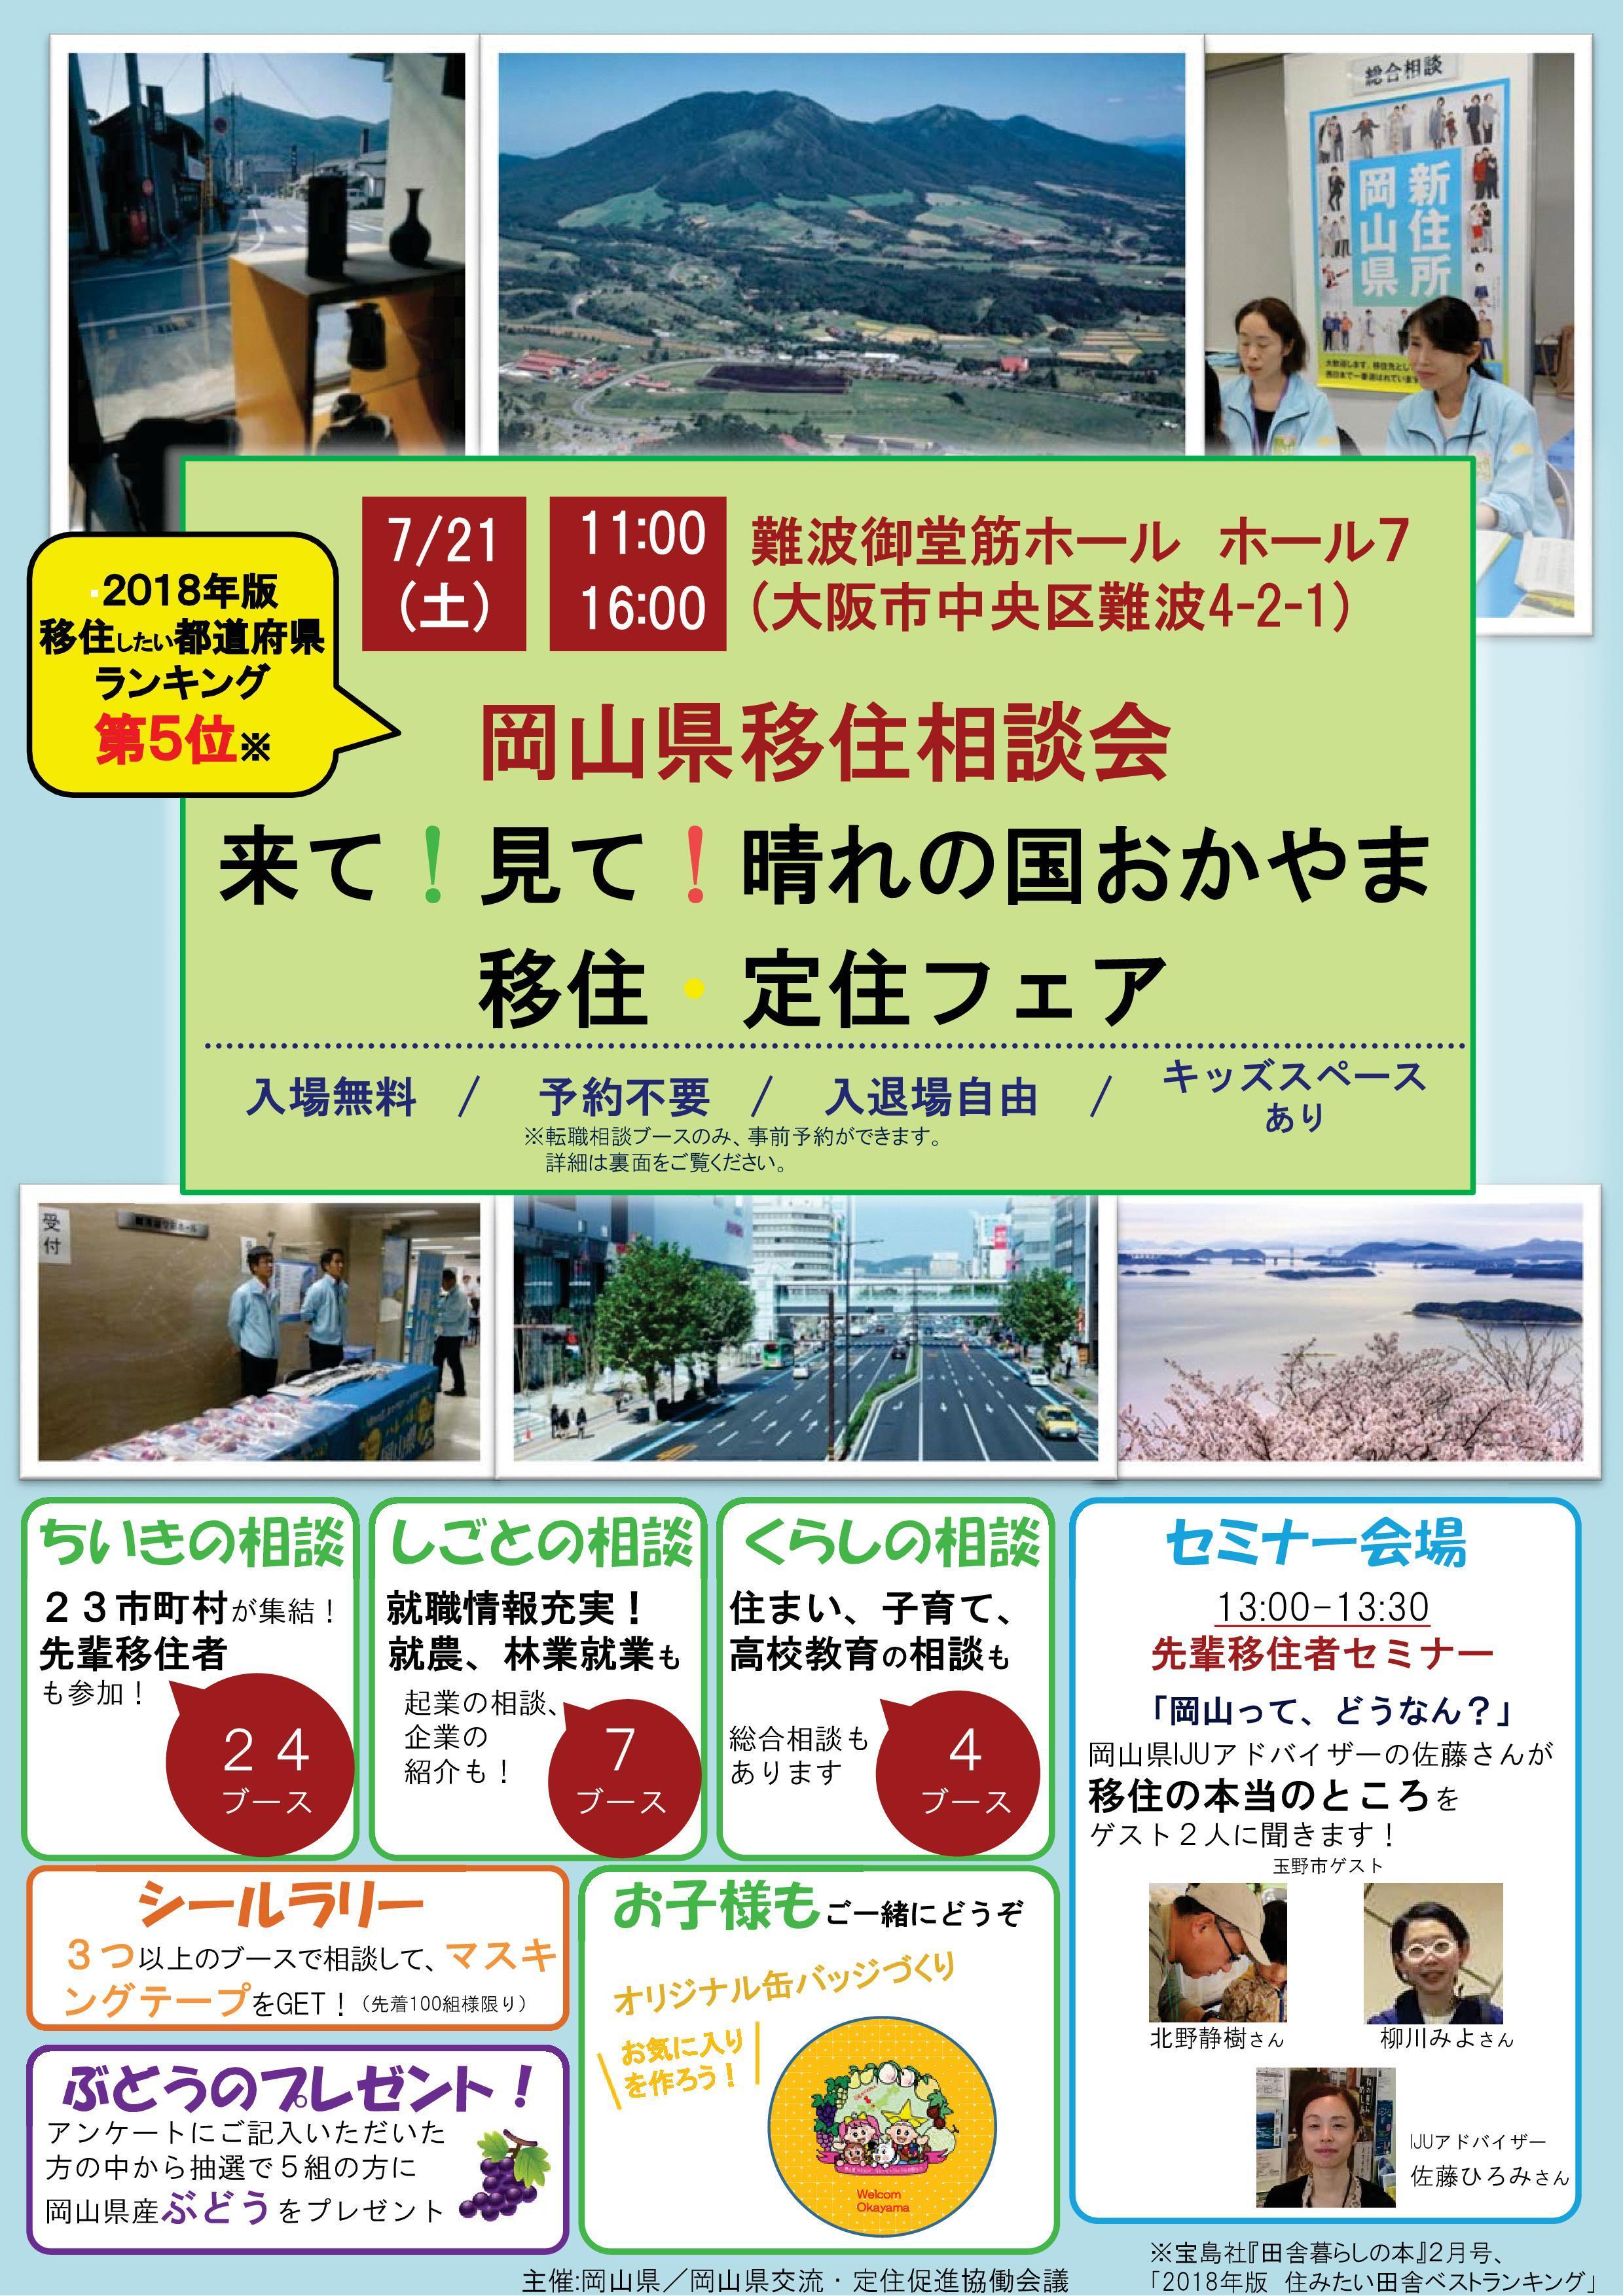 2018年7月21日(日)来て!見て!晴れの国おかやま 移住・定住フェアに津山市も参加します